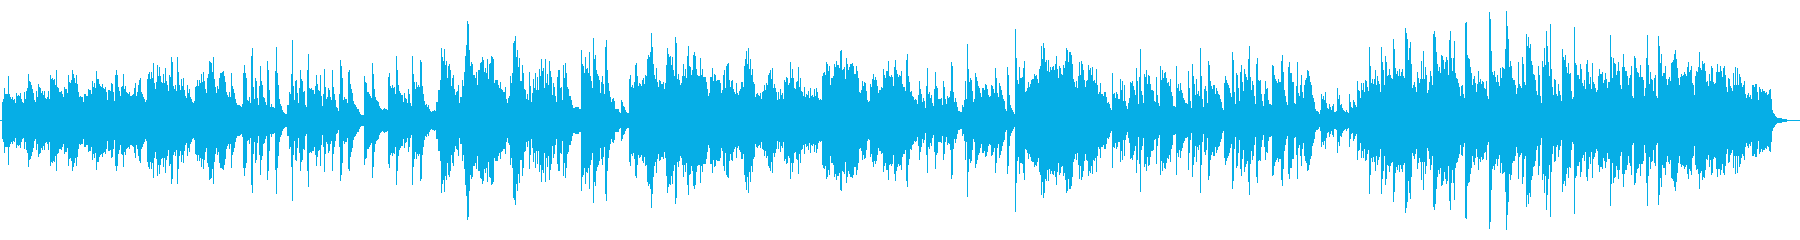 ハープの旋律が印象的なポップスの再生済みの波形